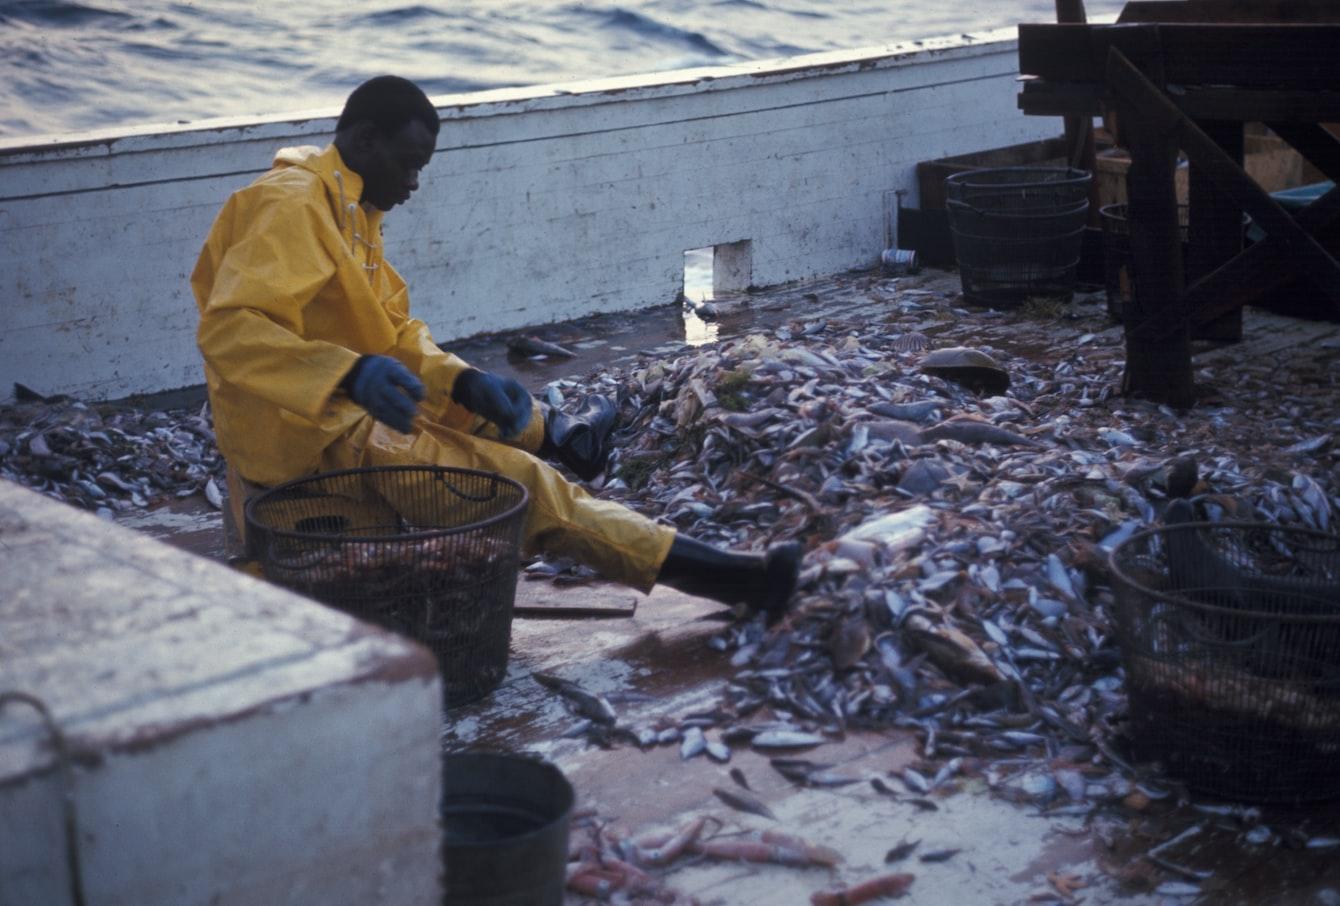 知道你盤中海產何處來嗎?拯救海洋,從吃對魚開始